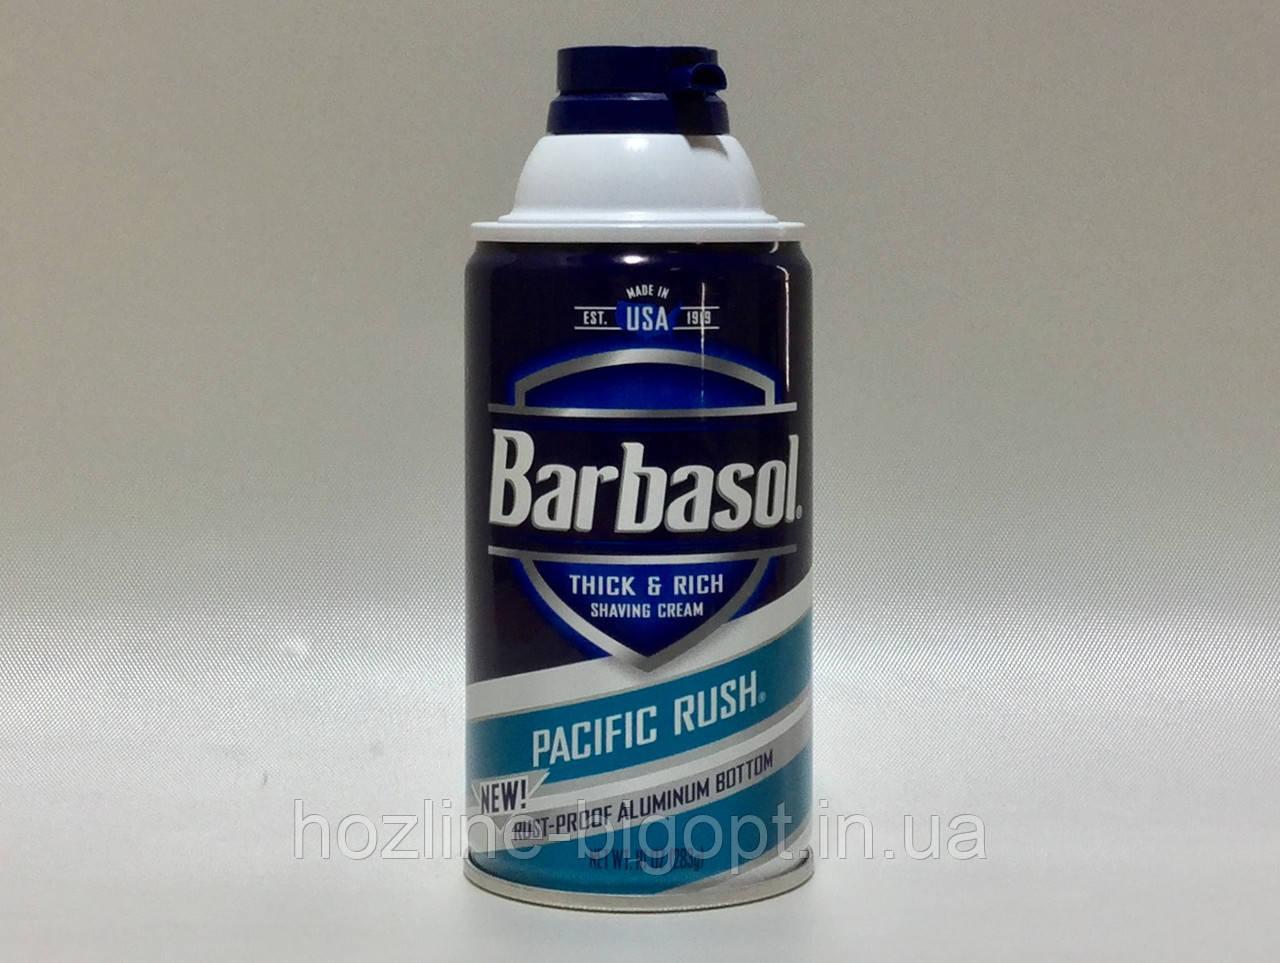 Піна для гоління Barbasol Pacific Rush 283 гр.